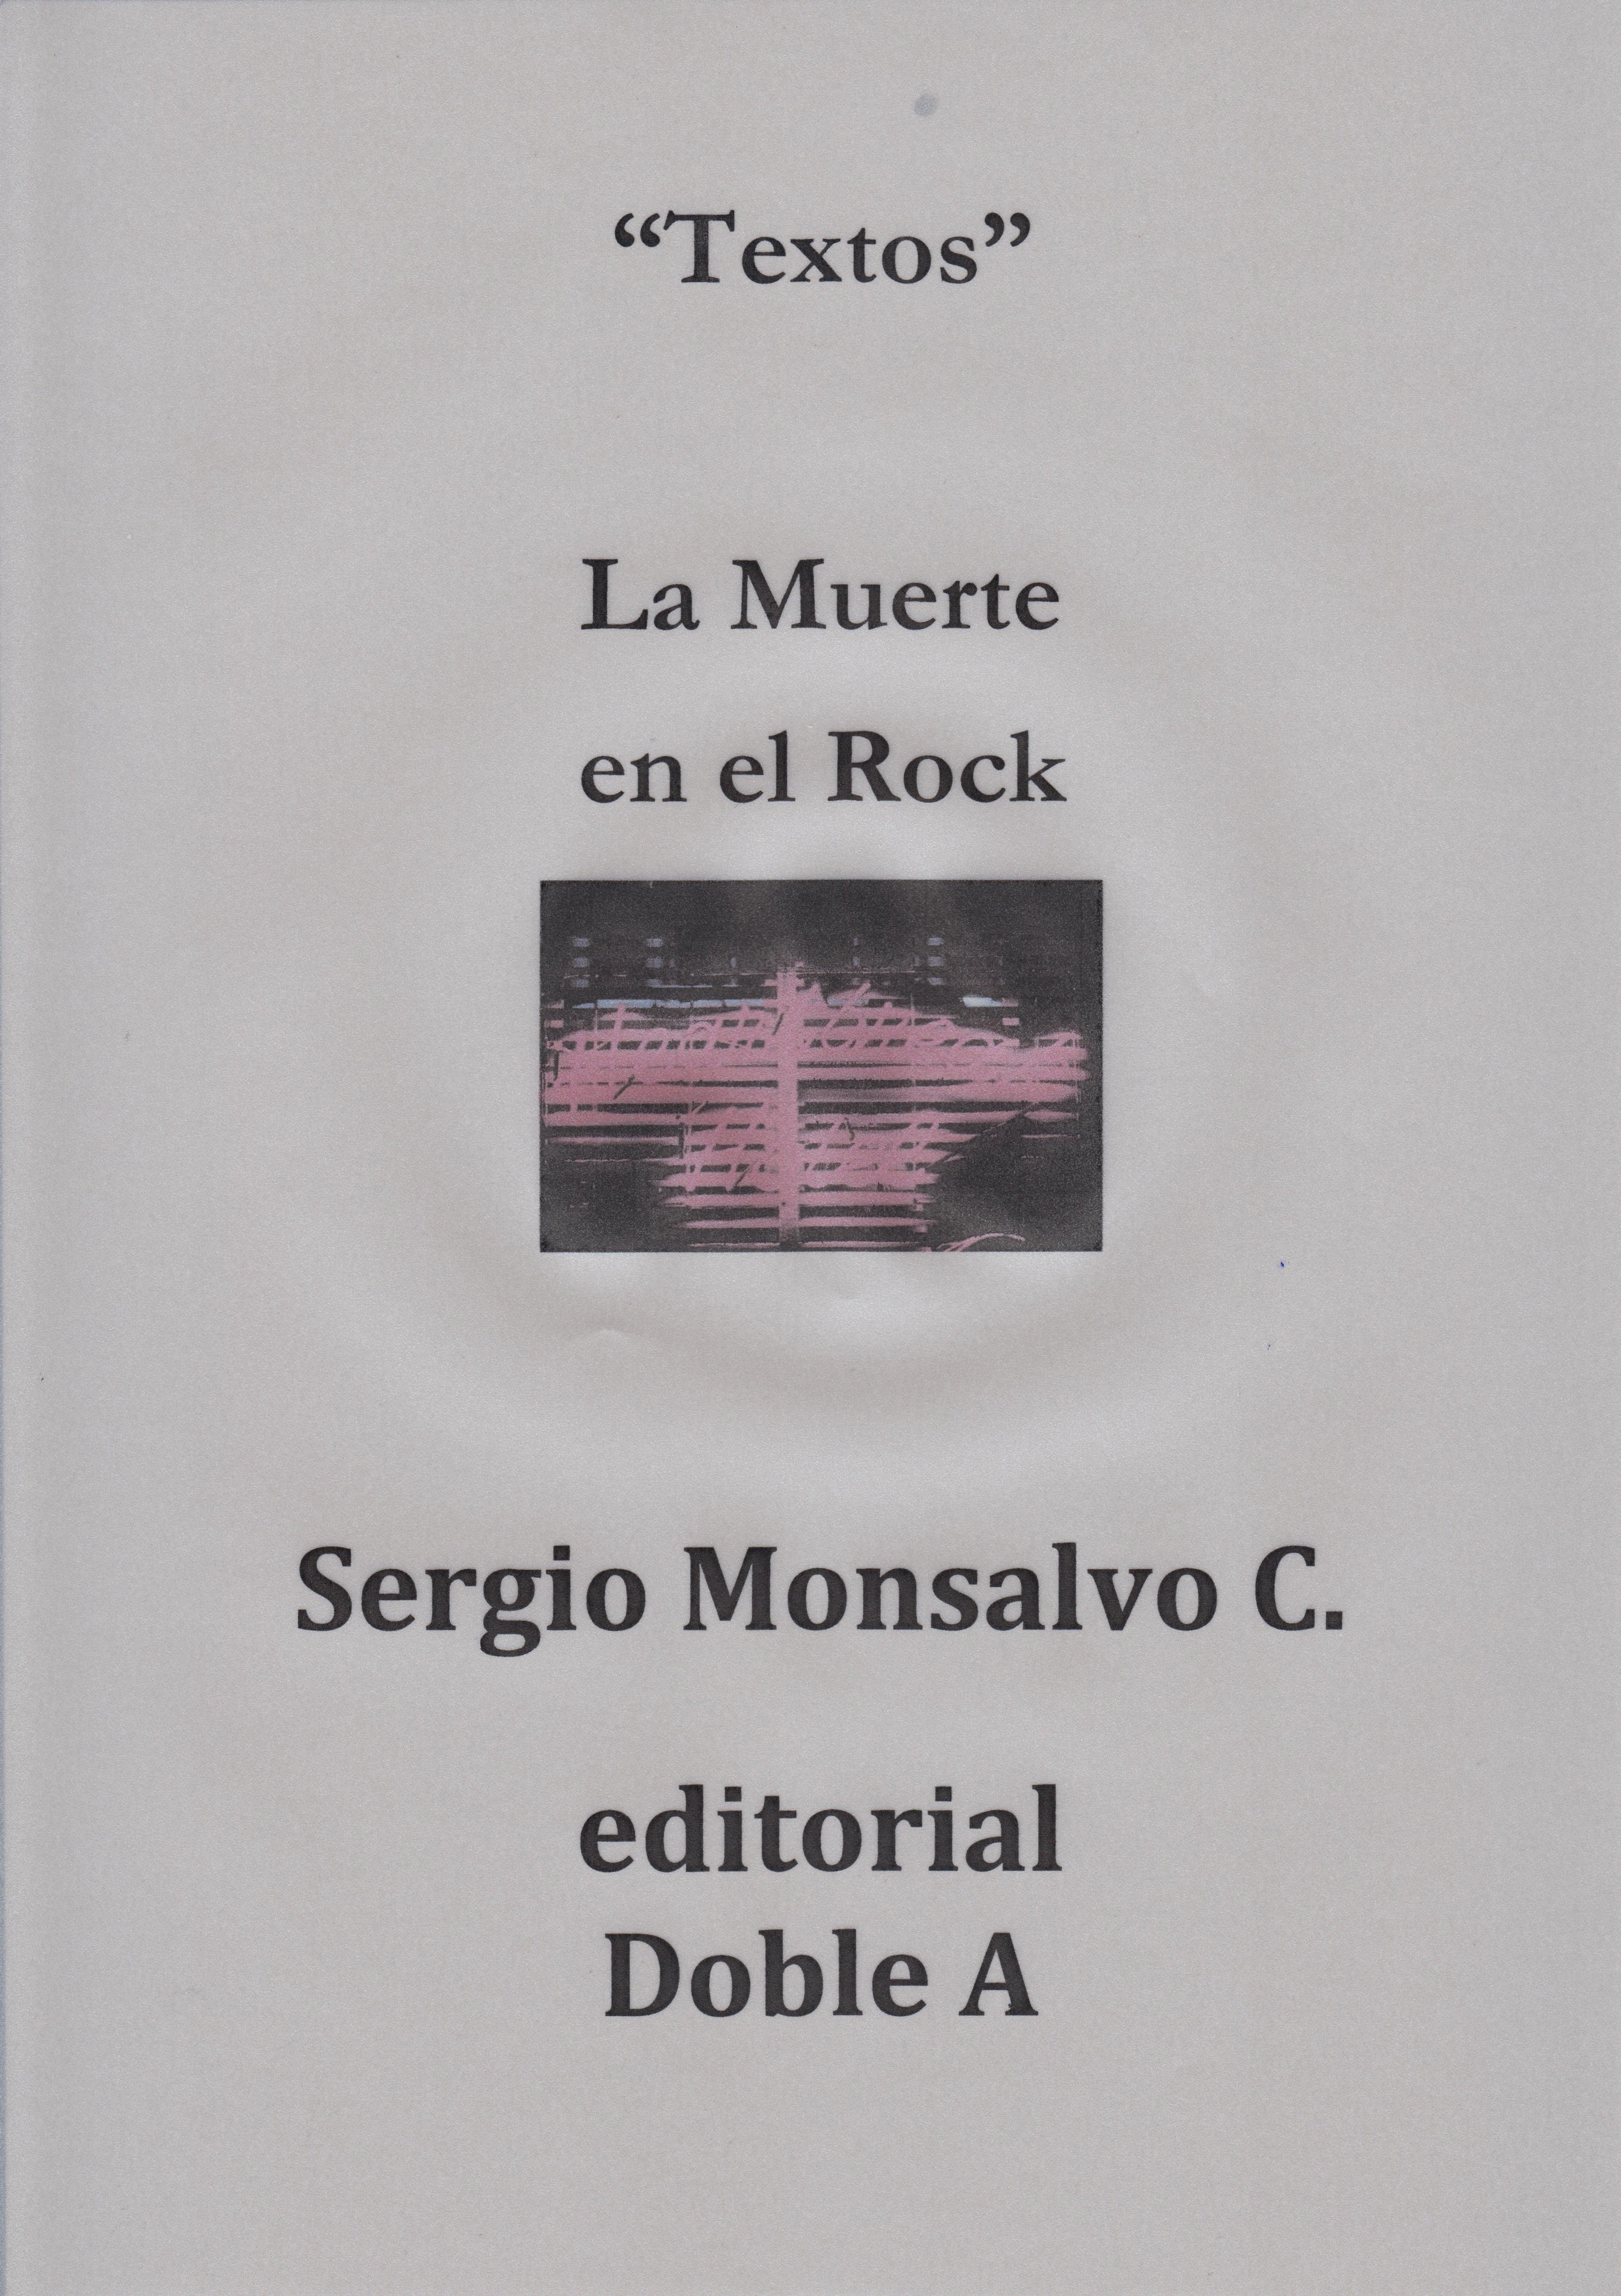 LA MUERTE EN EL ROCK (PORTADA)